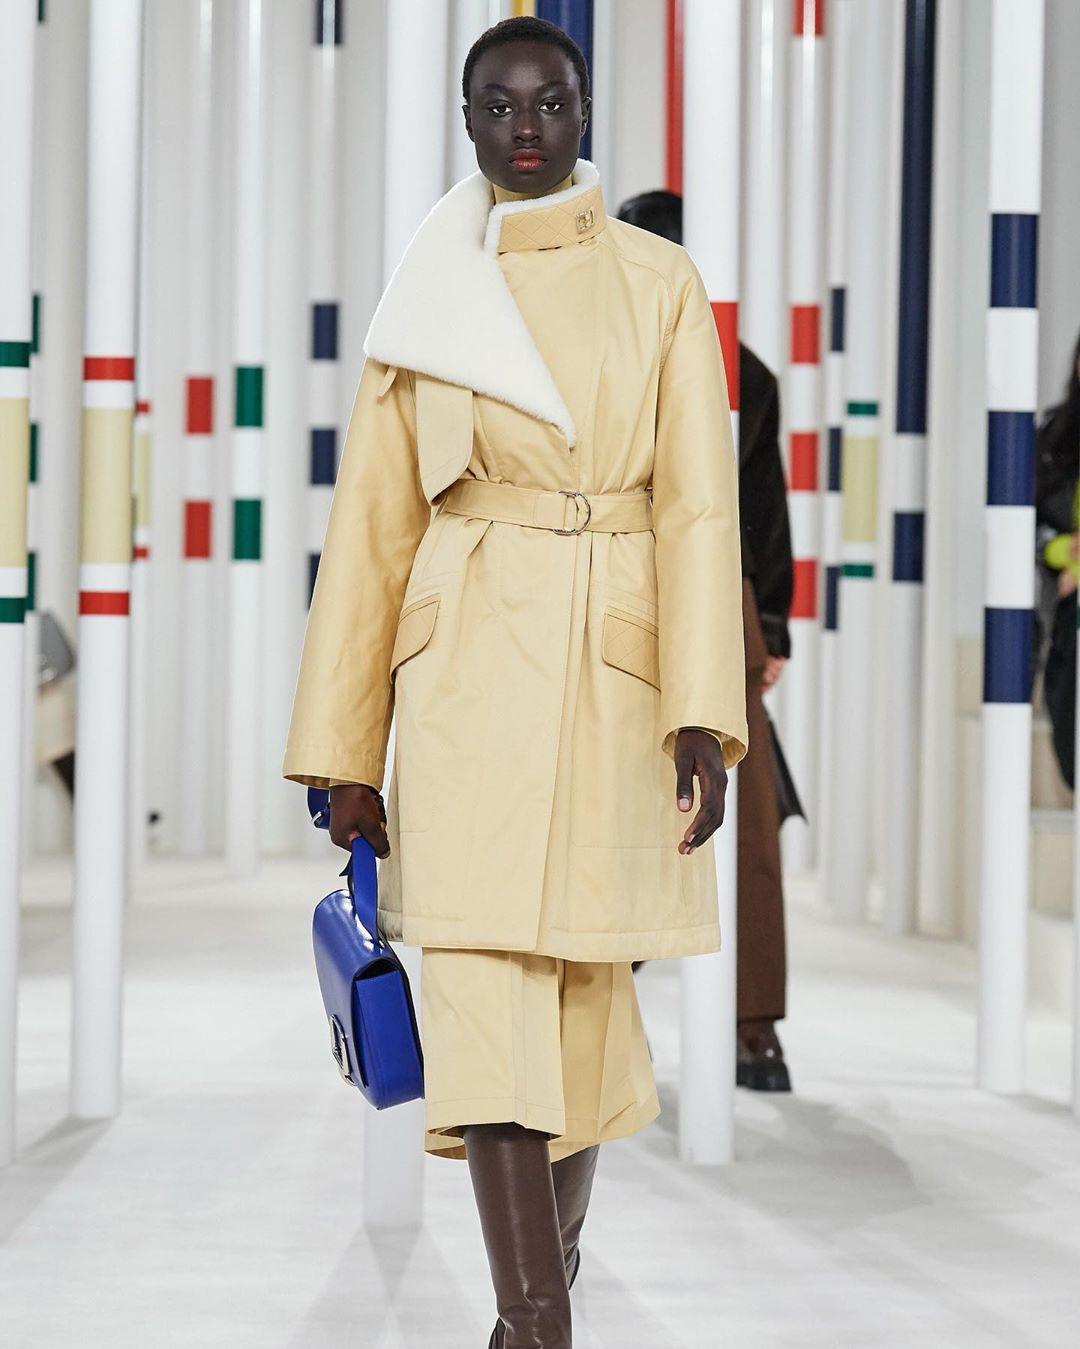 Nyagua Ruea South Sudan Models 2020